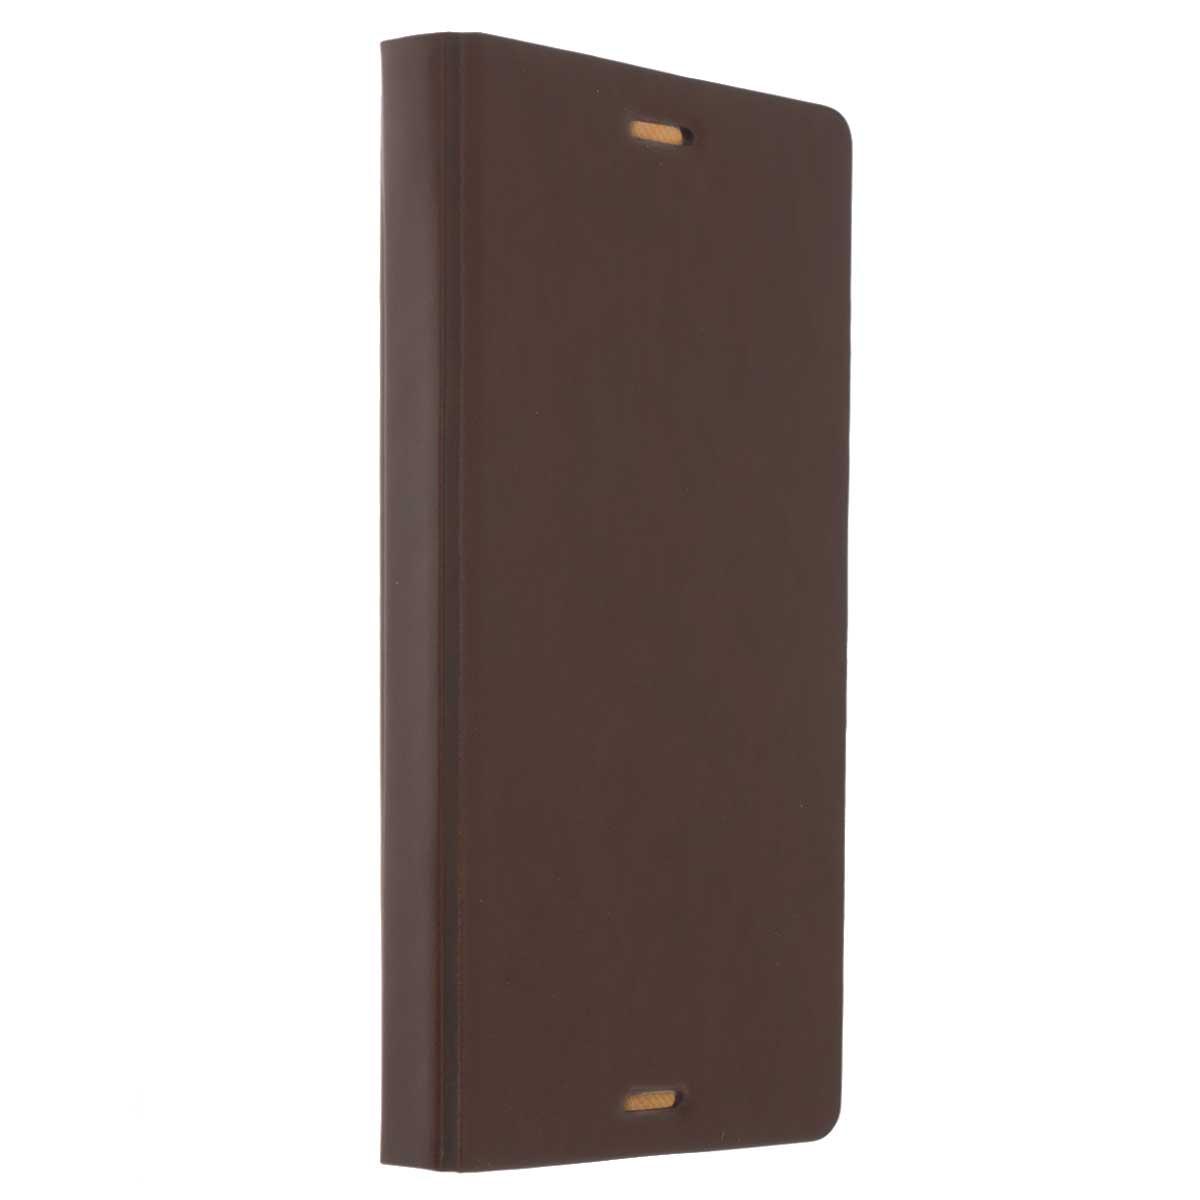 Avoc Toscana Diary чехол для Sony Xperia T3, VinousAA400165Avoc Toscana Diary для Sony Xperia T3 - стильный аксессуар, который защитит ваше мобильное устройство от внешних воздействий, грязи, пыли, брызг. Чехол также поможет при ударах и падениях, смягчая удары, не позволяя образовываться на корпусе царапинам и потертостям. Обеспечивает свободный доступ ко всем разъемам и клавишам устройства.